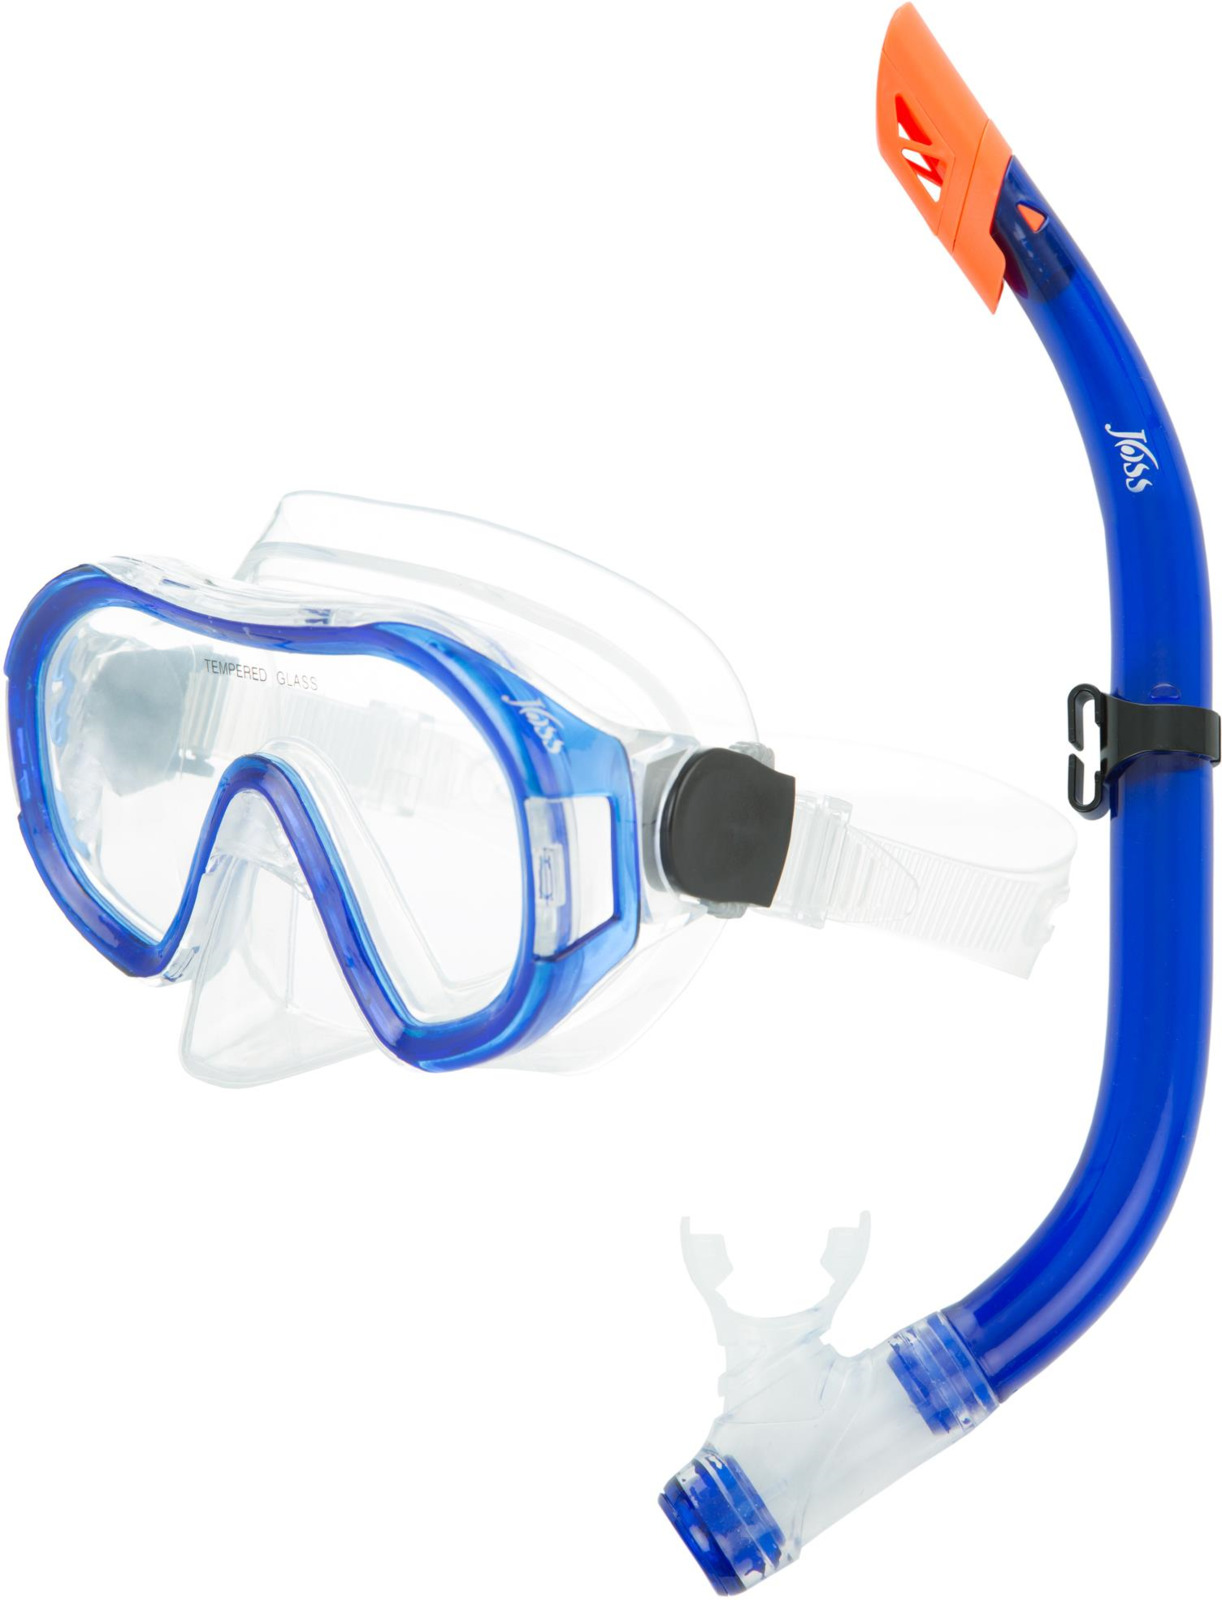 Набор для подводного плавания Joss, детский, цвет: прозрачный, синий, оранжевый, 2 предмета